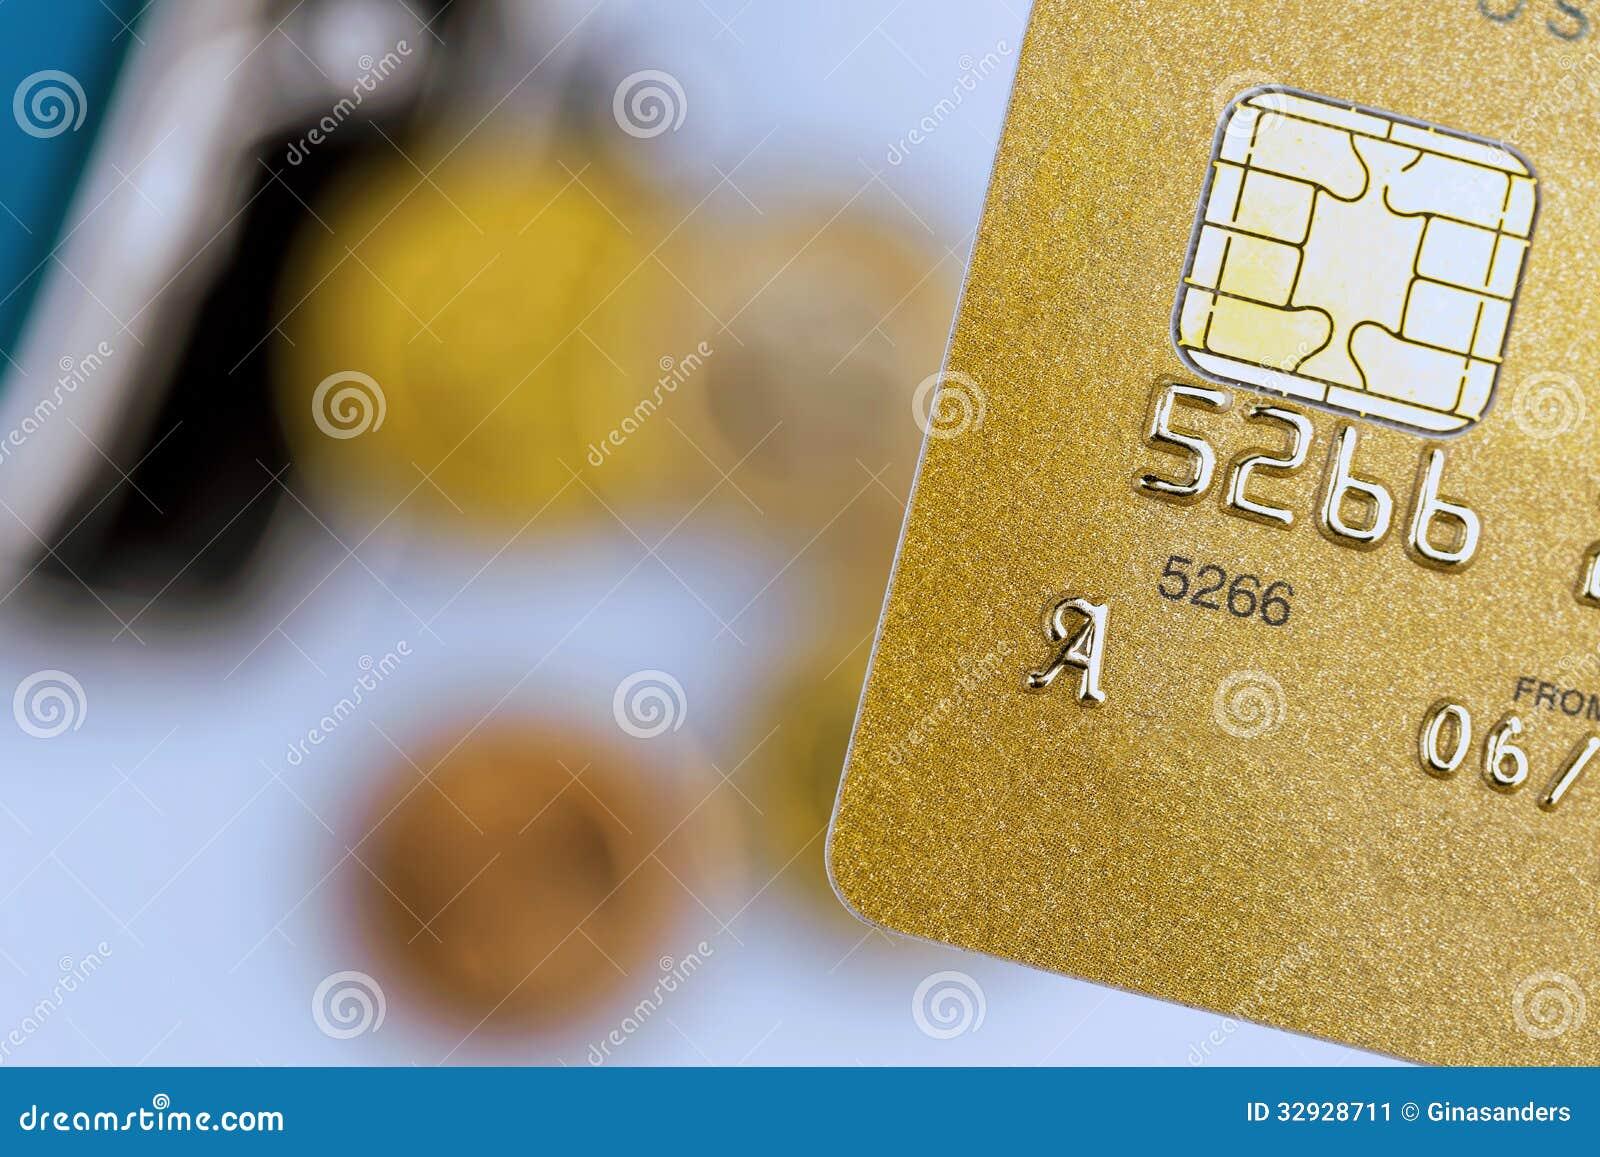 пластиковая карта visa gold со скидкой Выкса